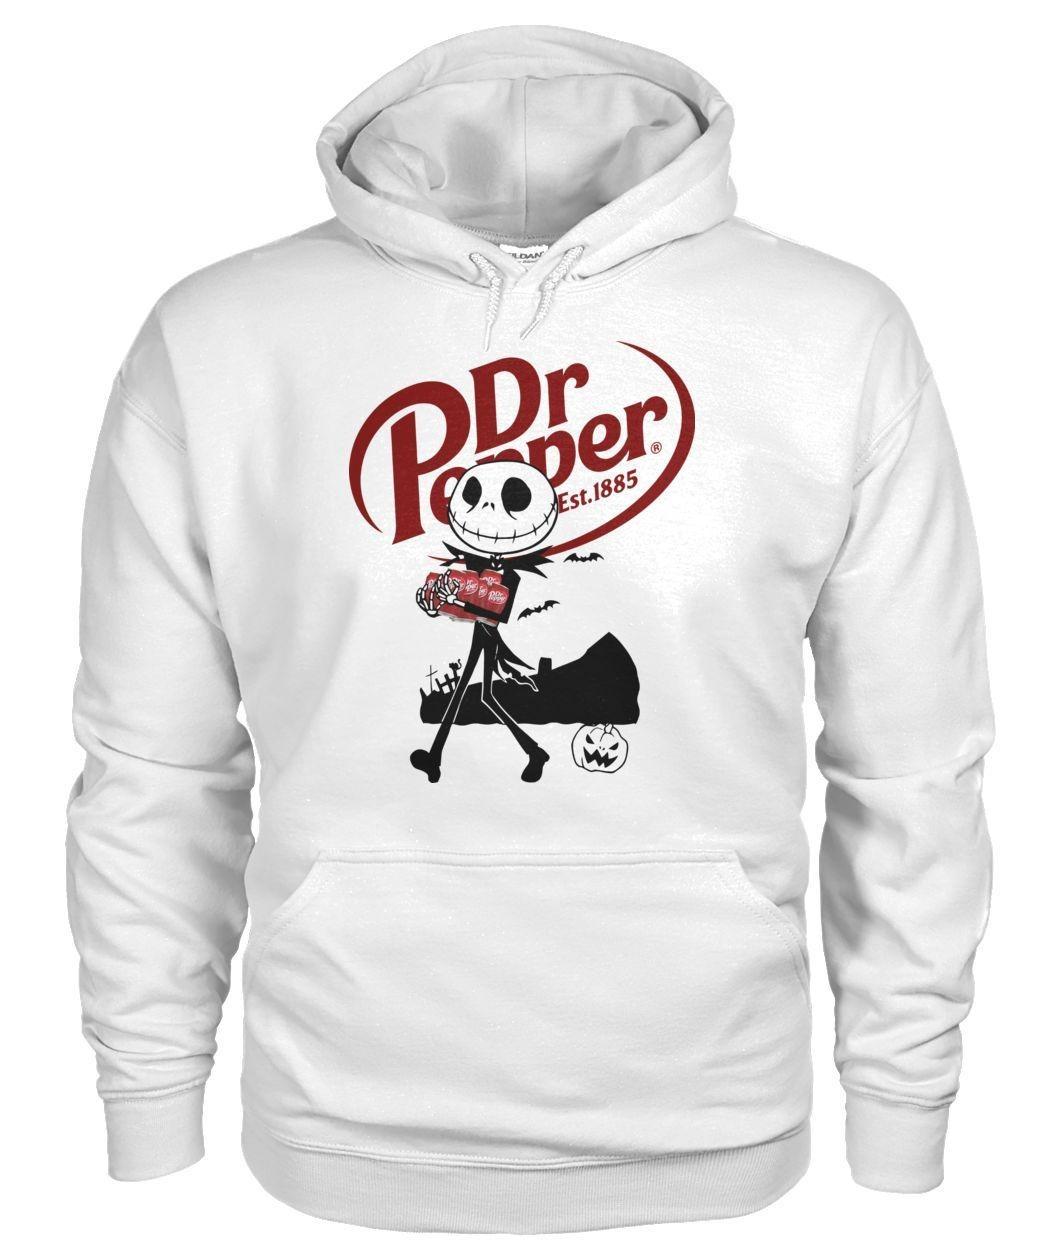 Dr. Pepper Jack Skellington est 1885 Hoodie